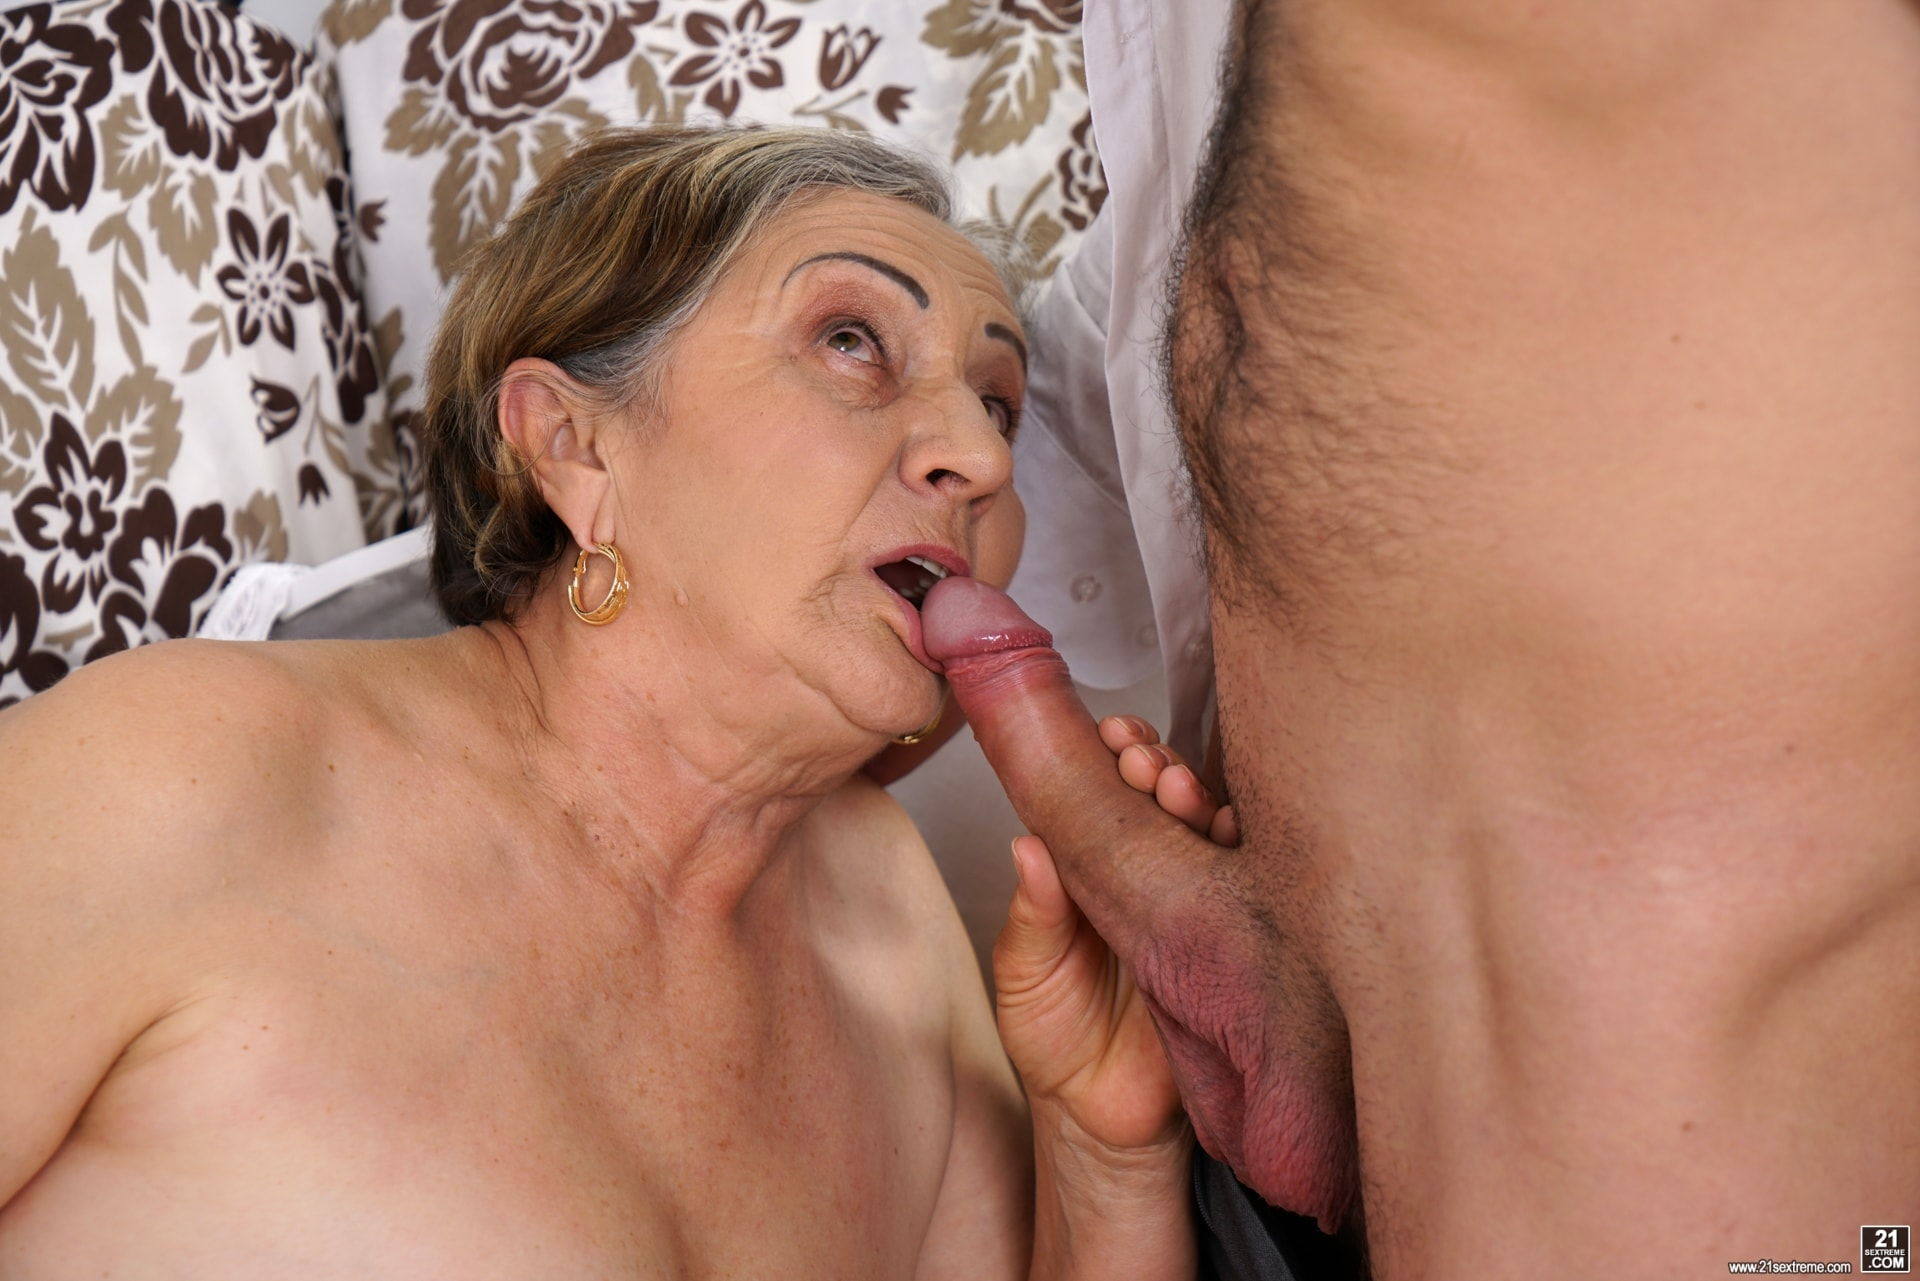 21Sextury 'Horny Hairy Granny' starring Kata (Photo 162)